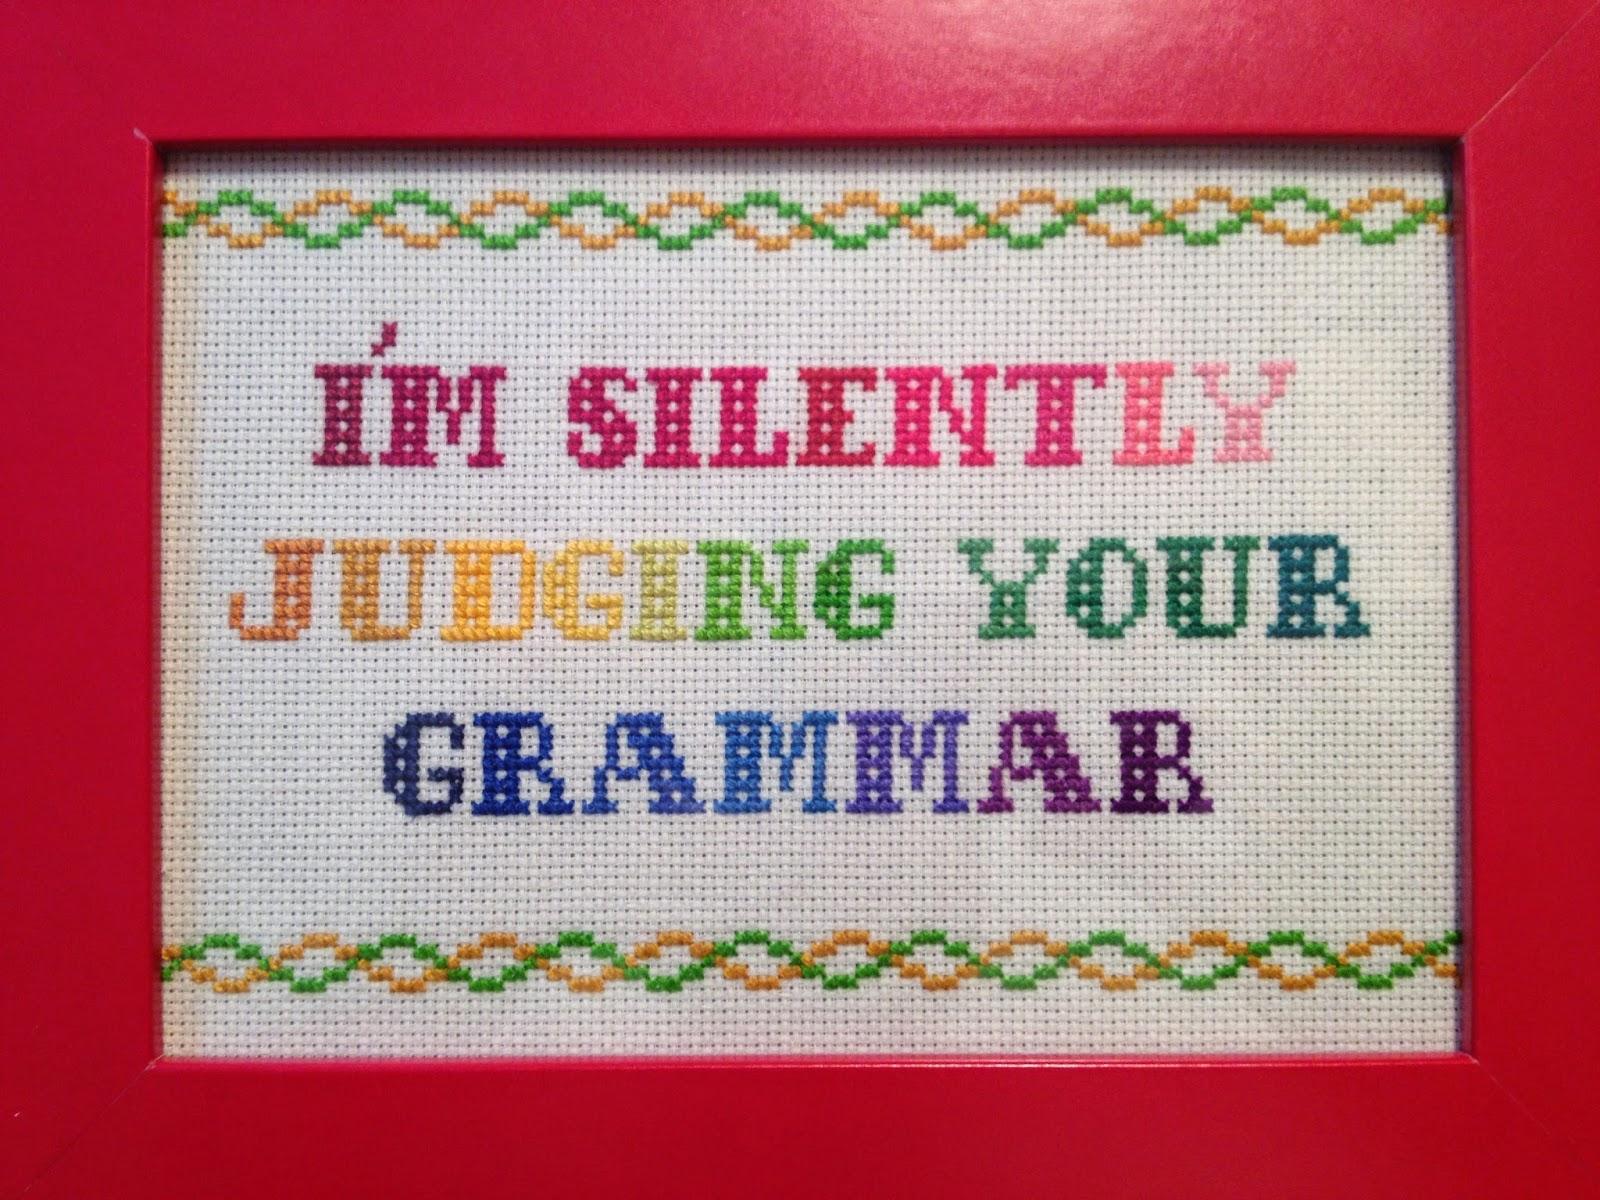 Korsstingsbroderi i mange farver. I'm silently judging your grammar. Korssting, broderi, humor.